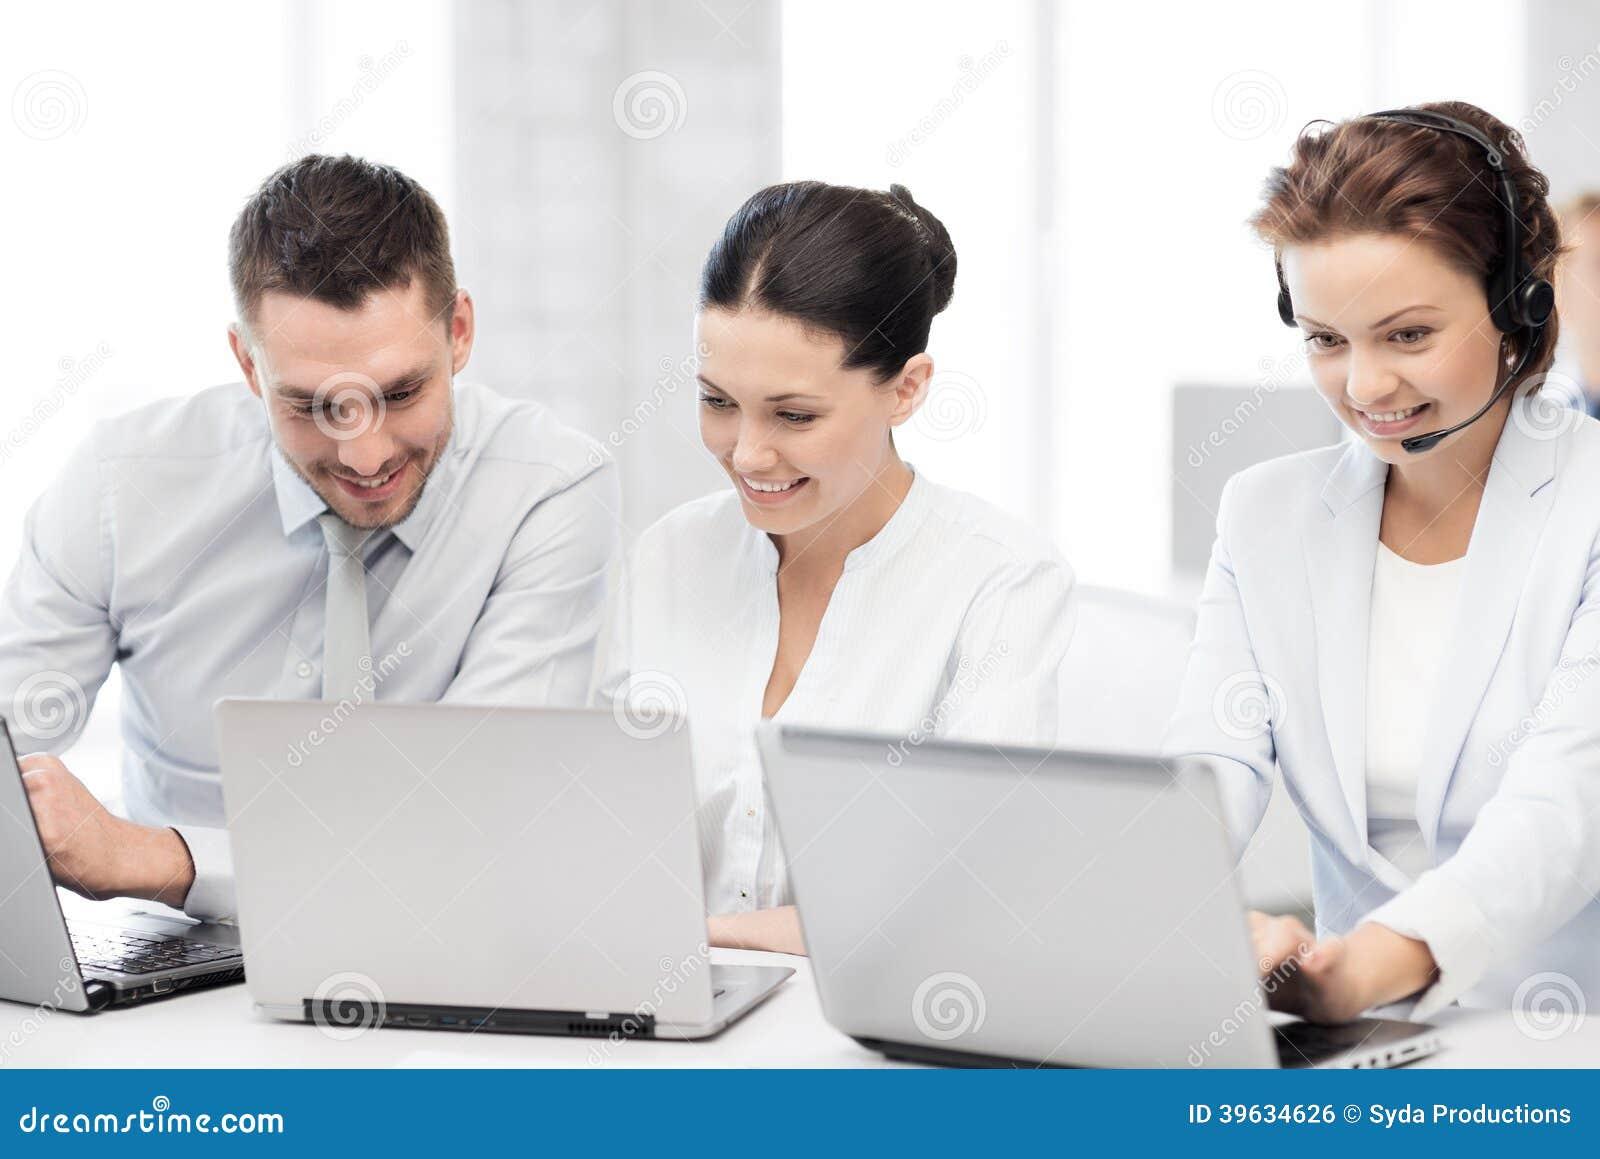 Grupa ludzi pracuje z laptopami w biurze